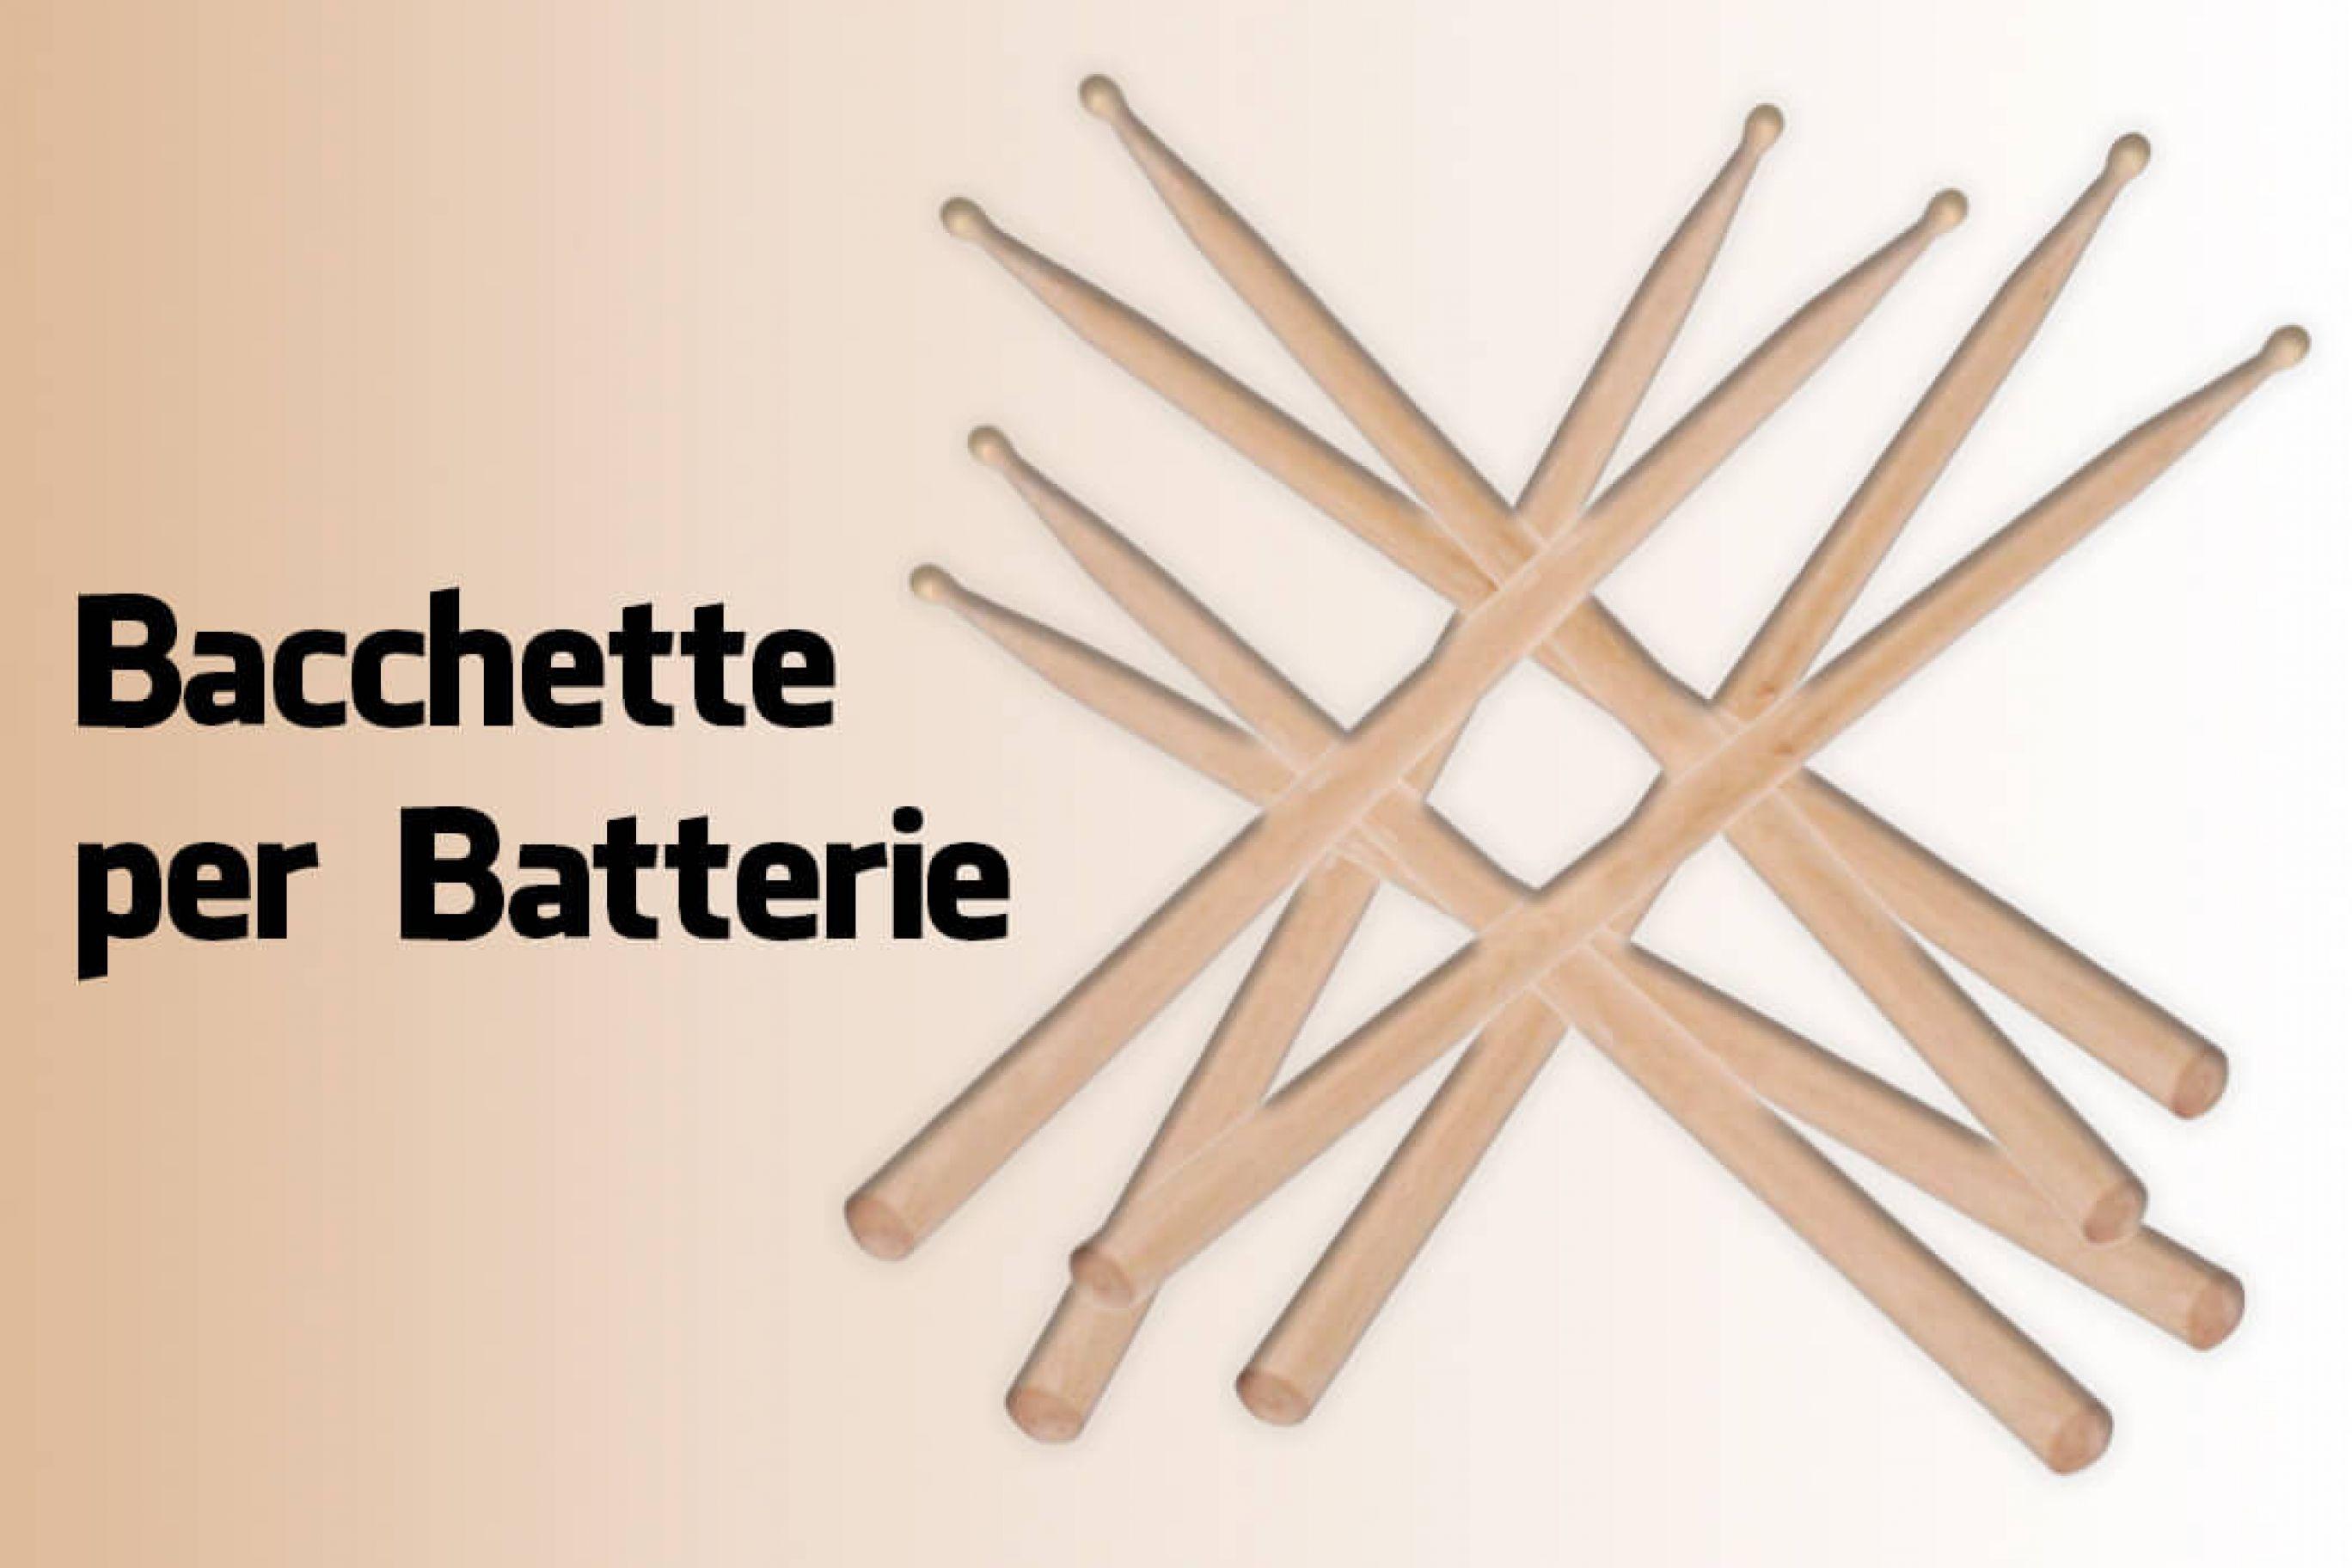 Quali bacchette per batteria scegliere? le migliori Prezzi e Recensioni.